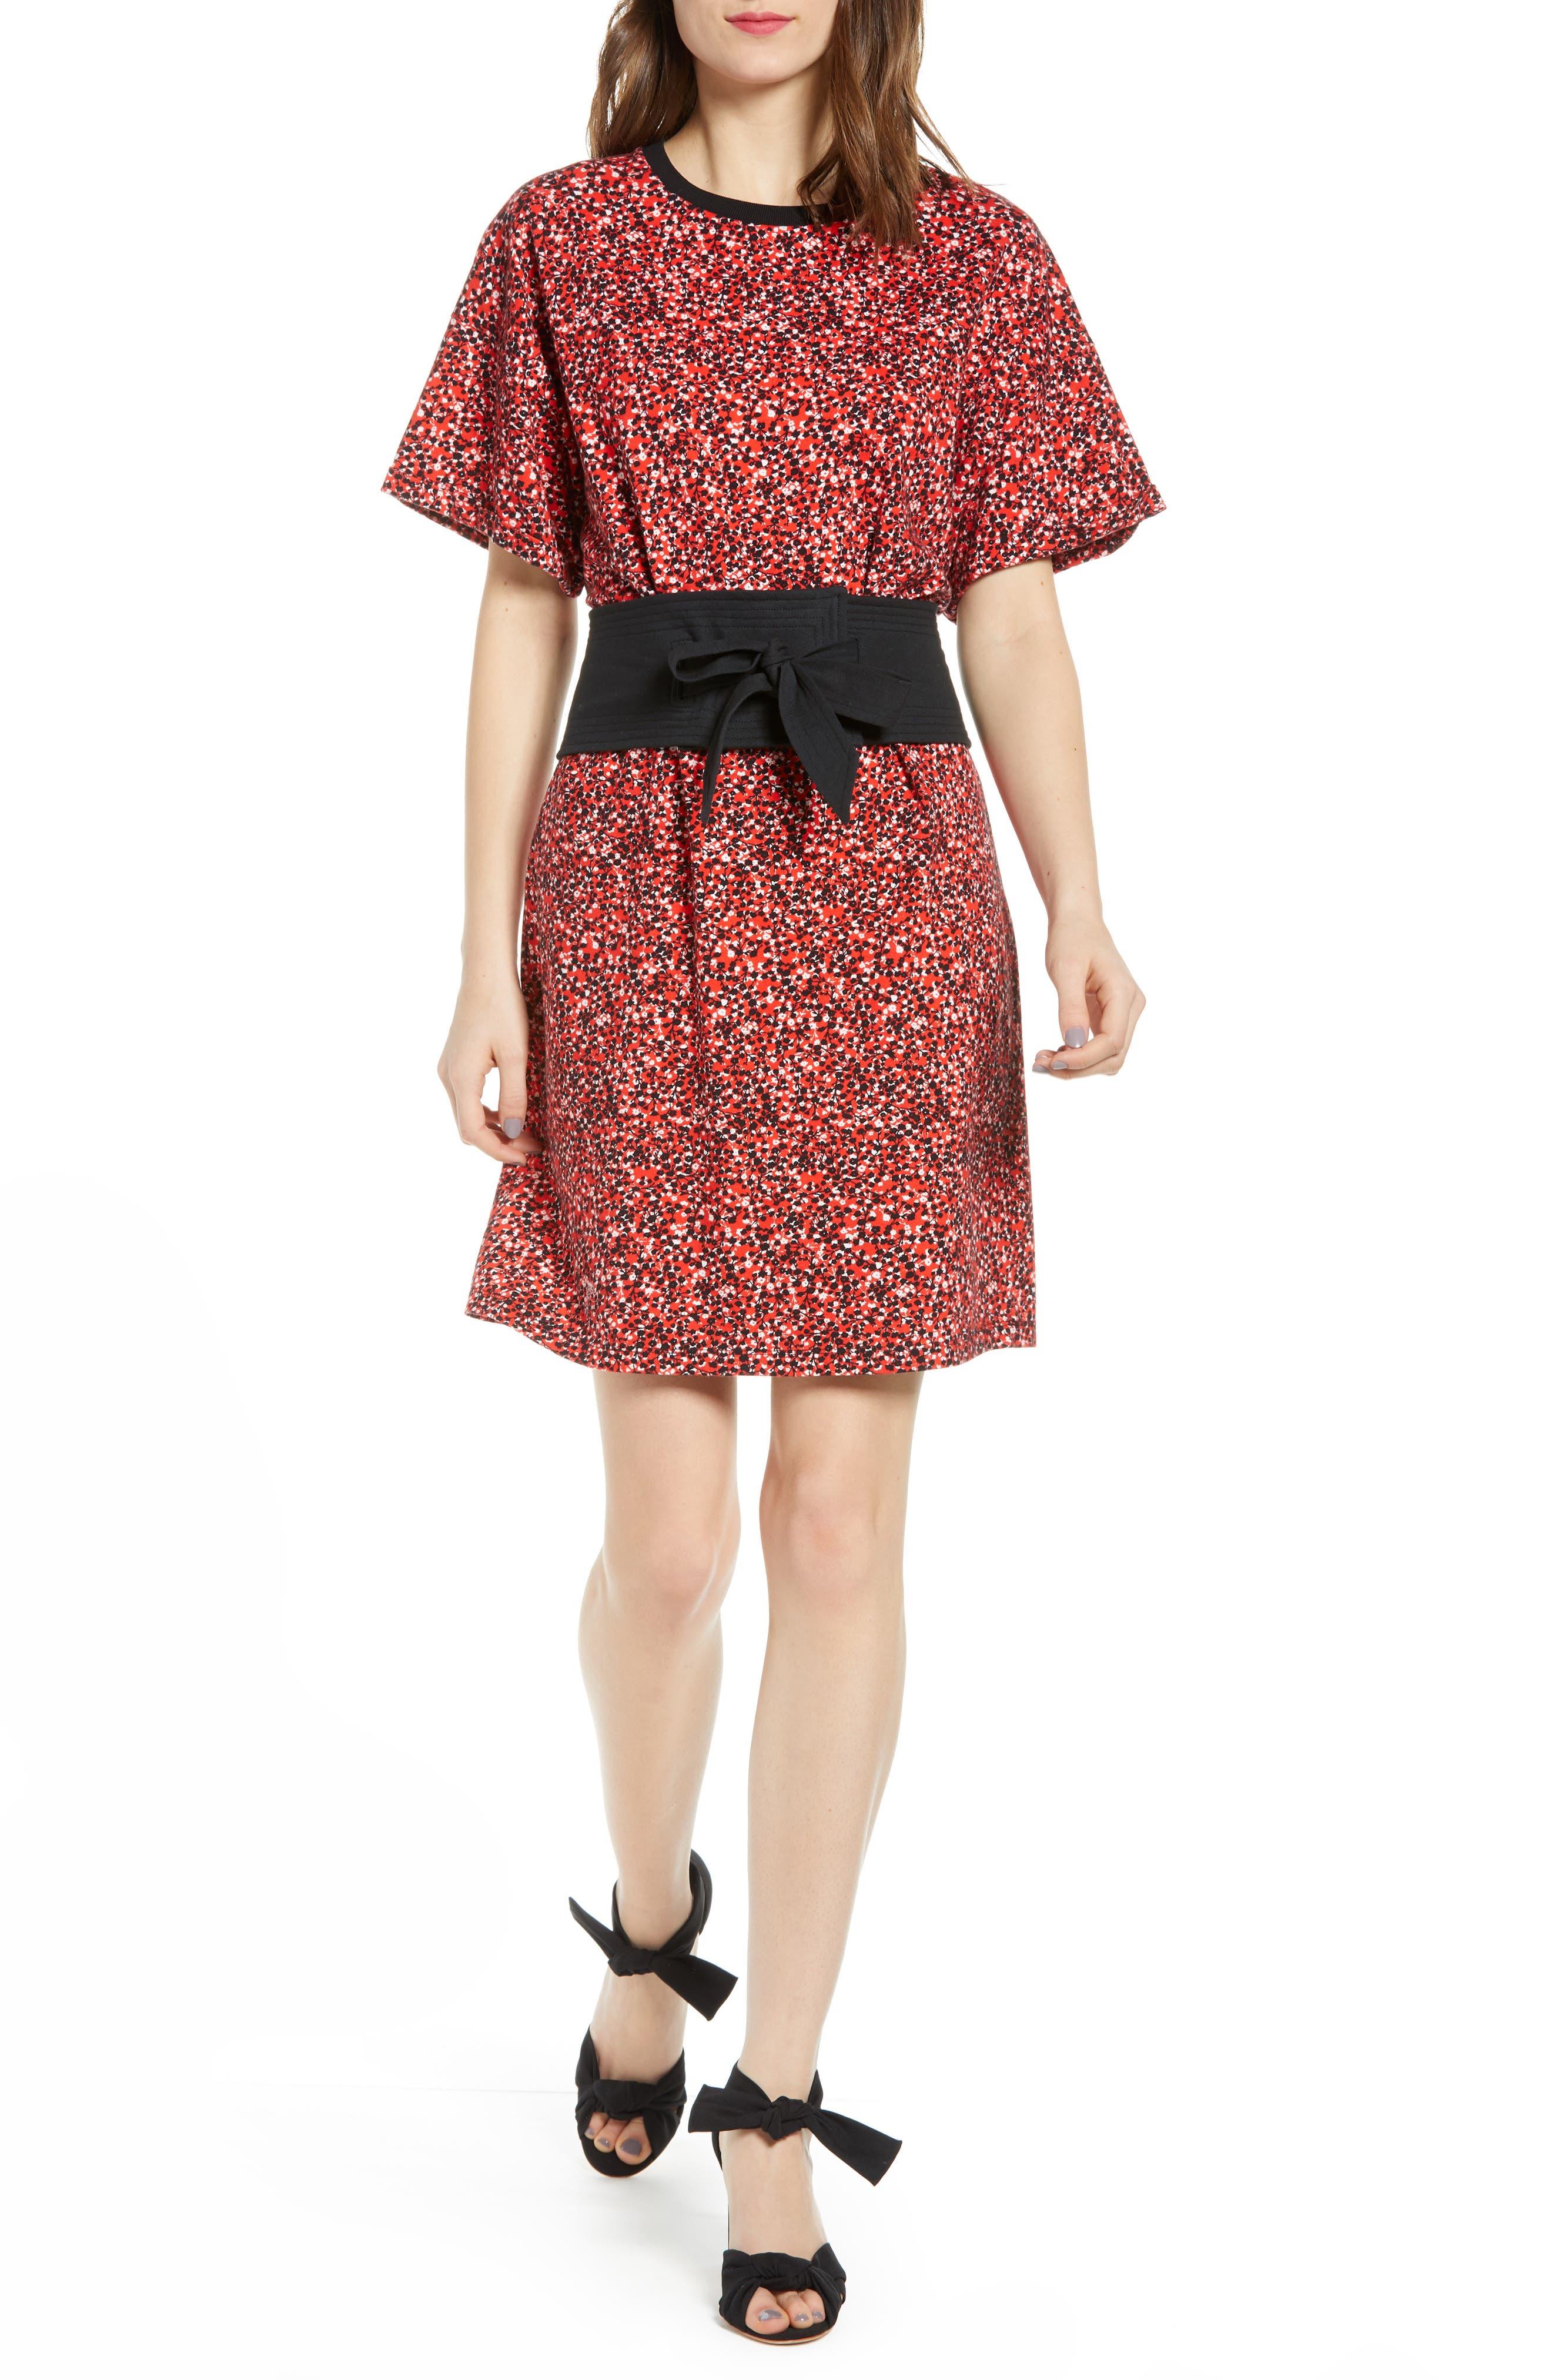 Rebecca Minkoff Marta Floral Print Minidress, Red